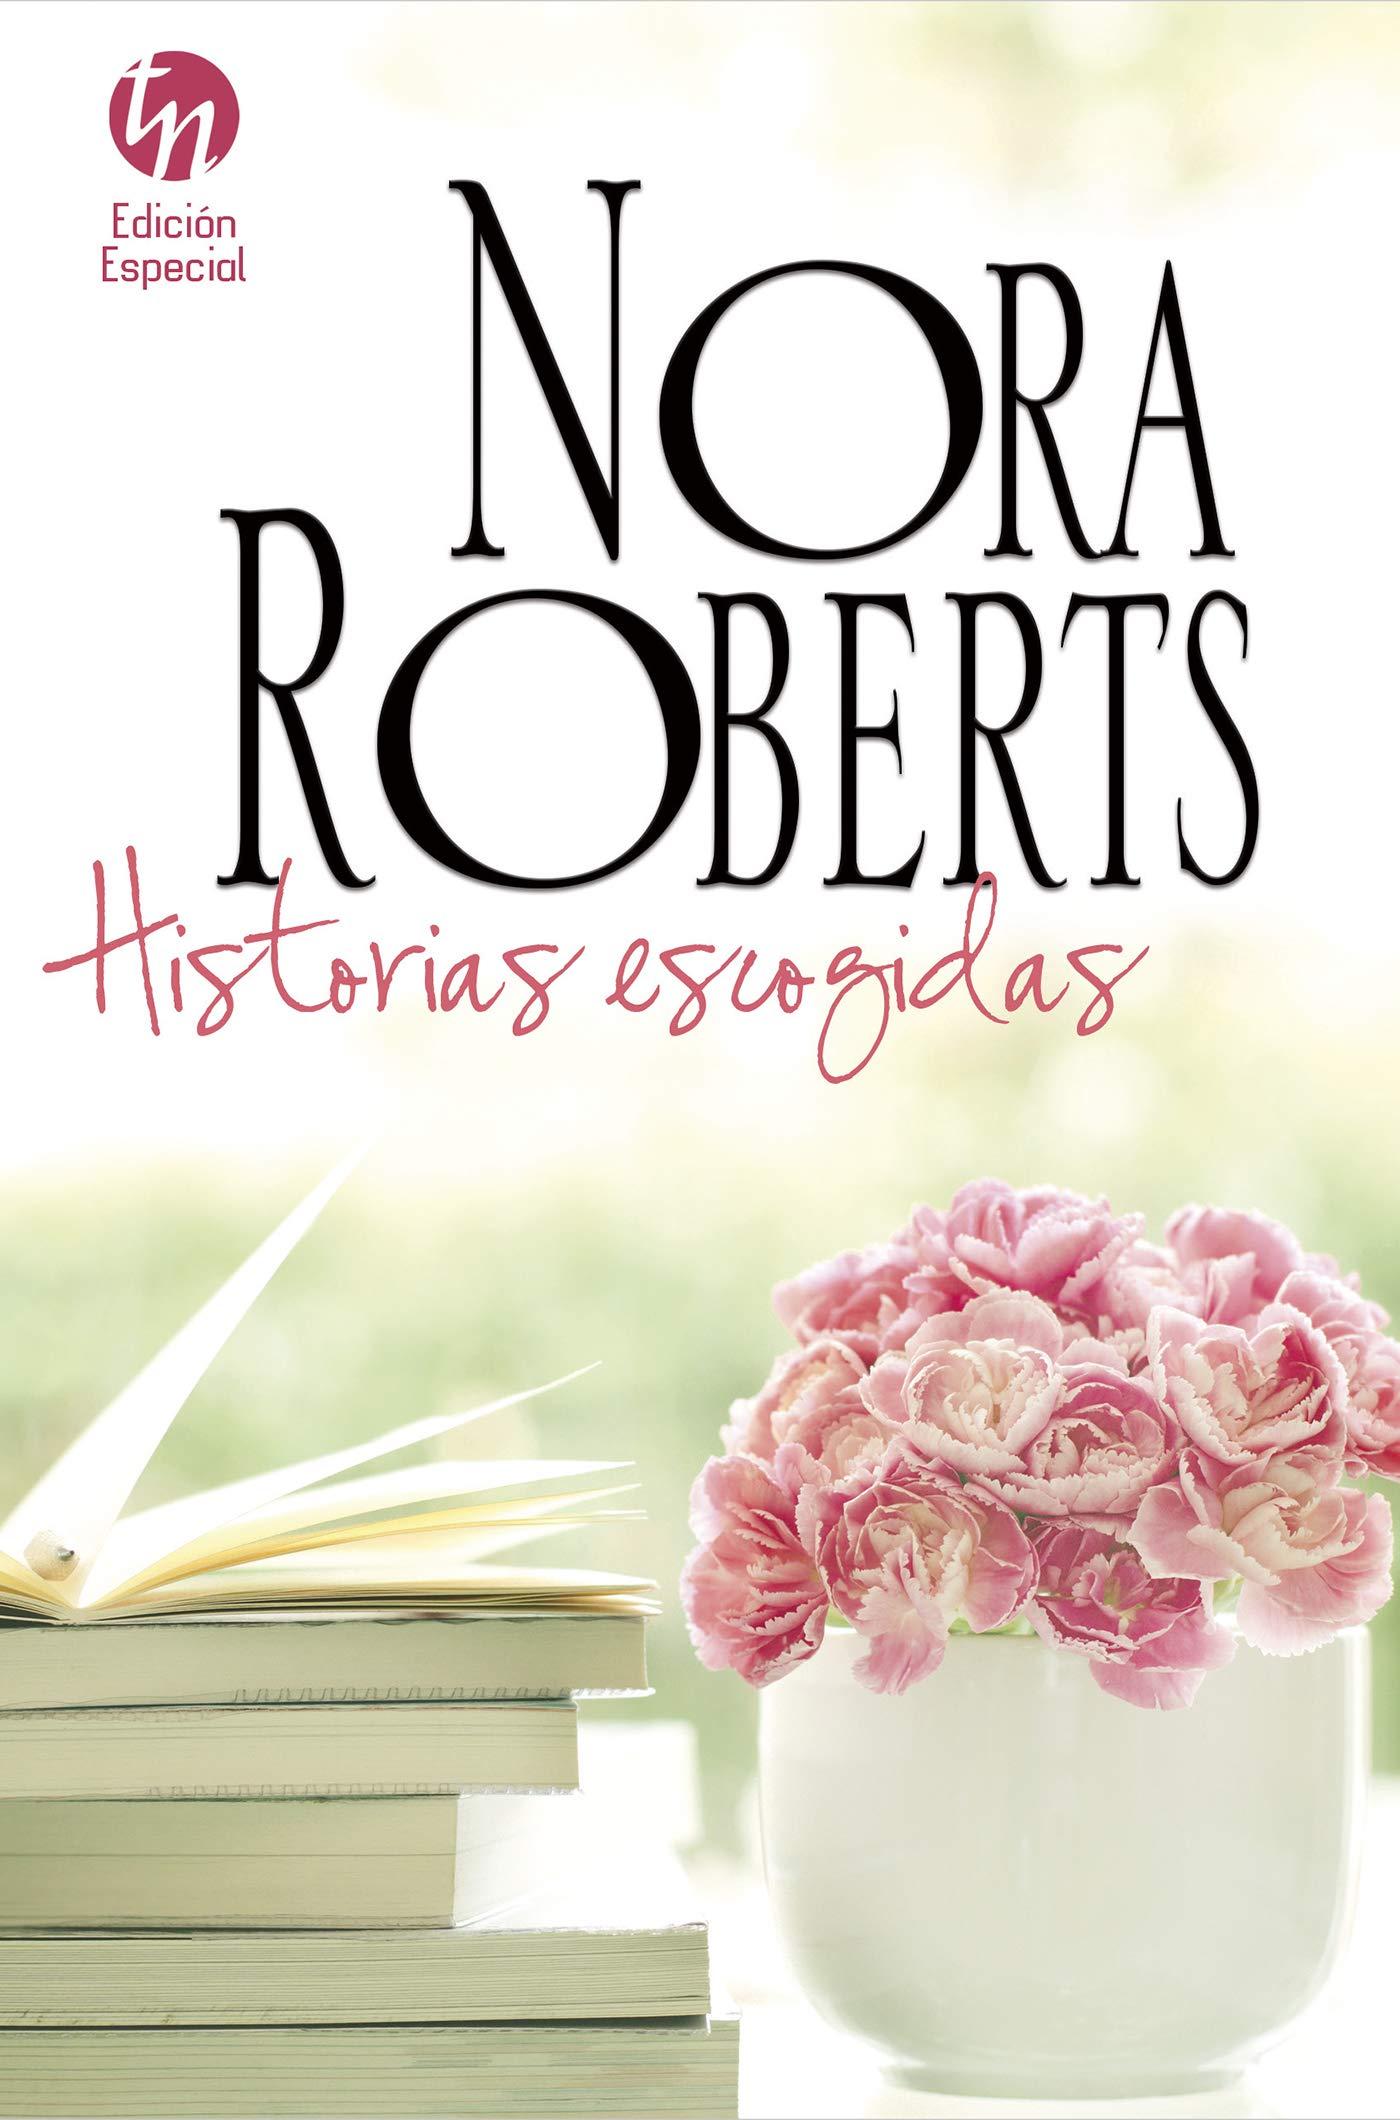 Historias escogidas (Especial Top Novel): Amazon.es: Nora Roberts,  Inmaculada Navarro Manzanero, Sonia Figueroa Martínez, Elias Sarhan Assy:  Libros